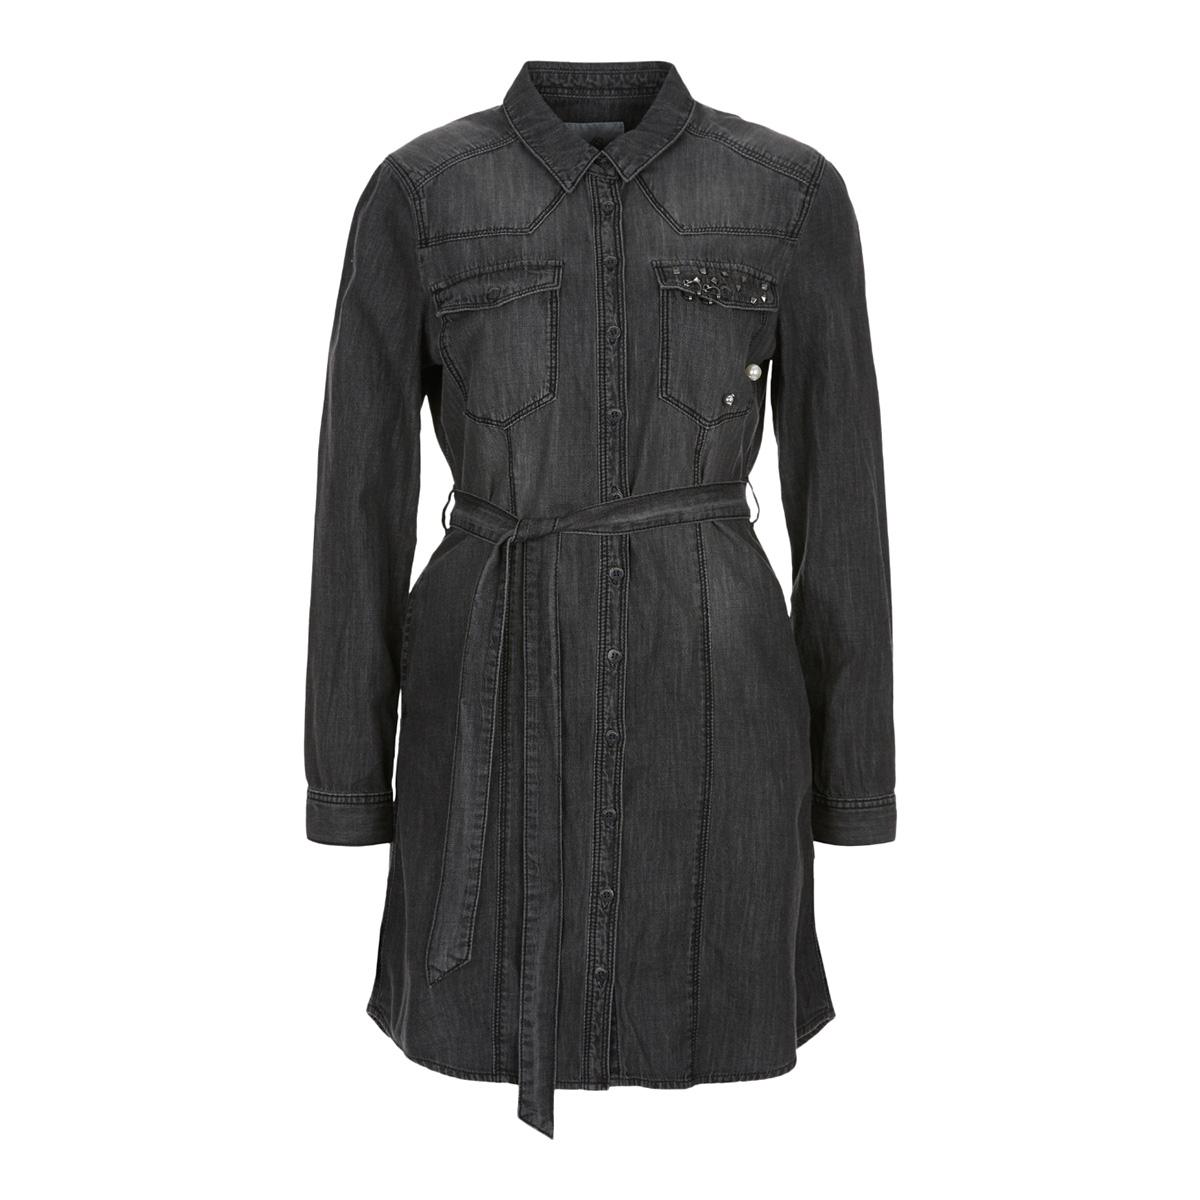 41809822426 s.oliver jurk 97y6